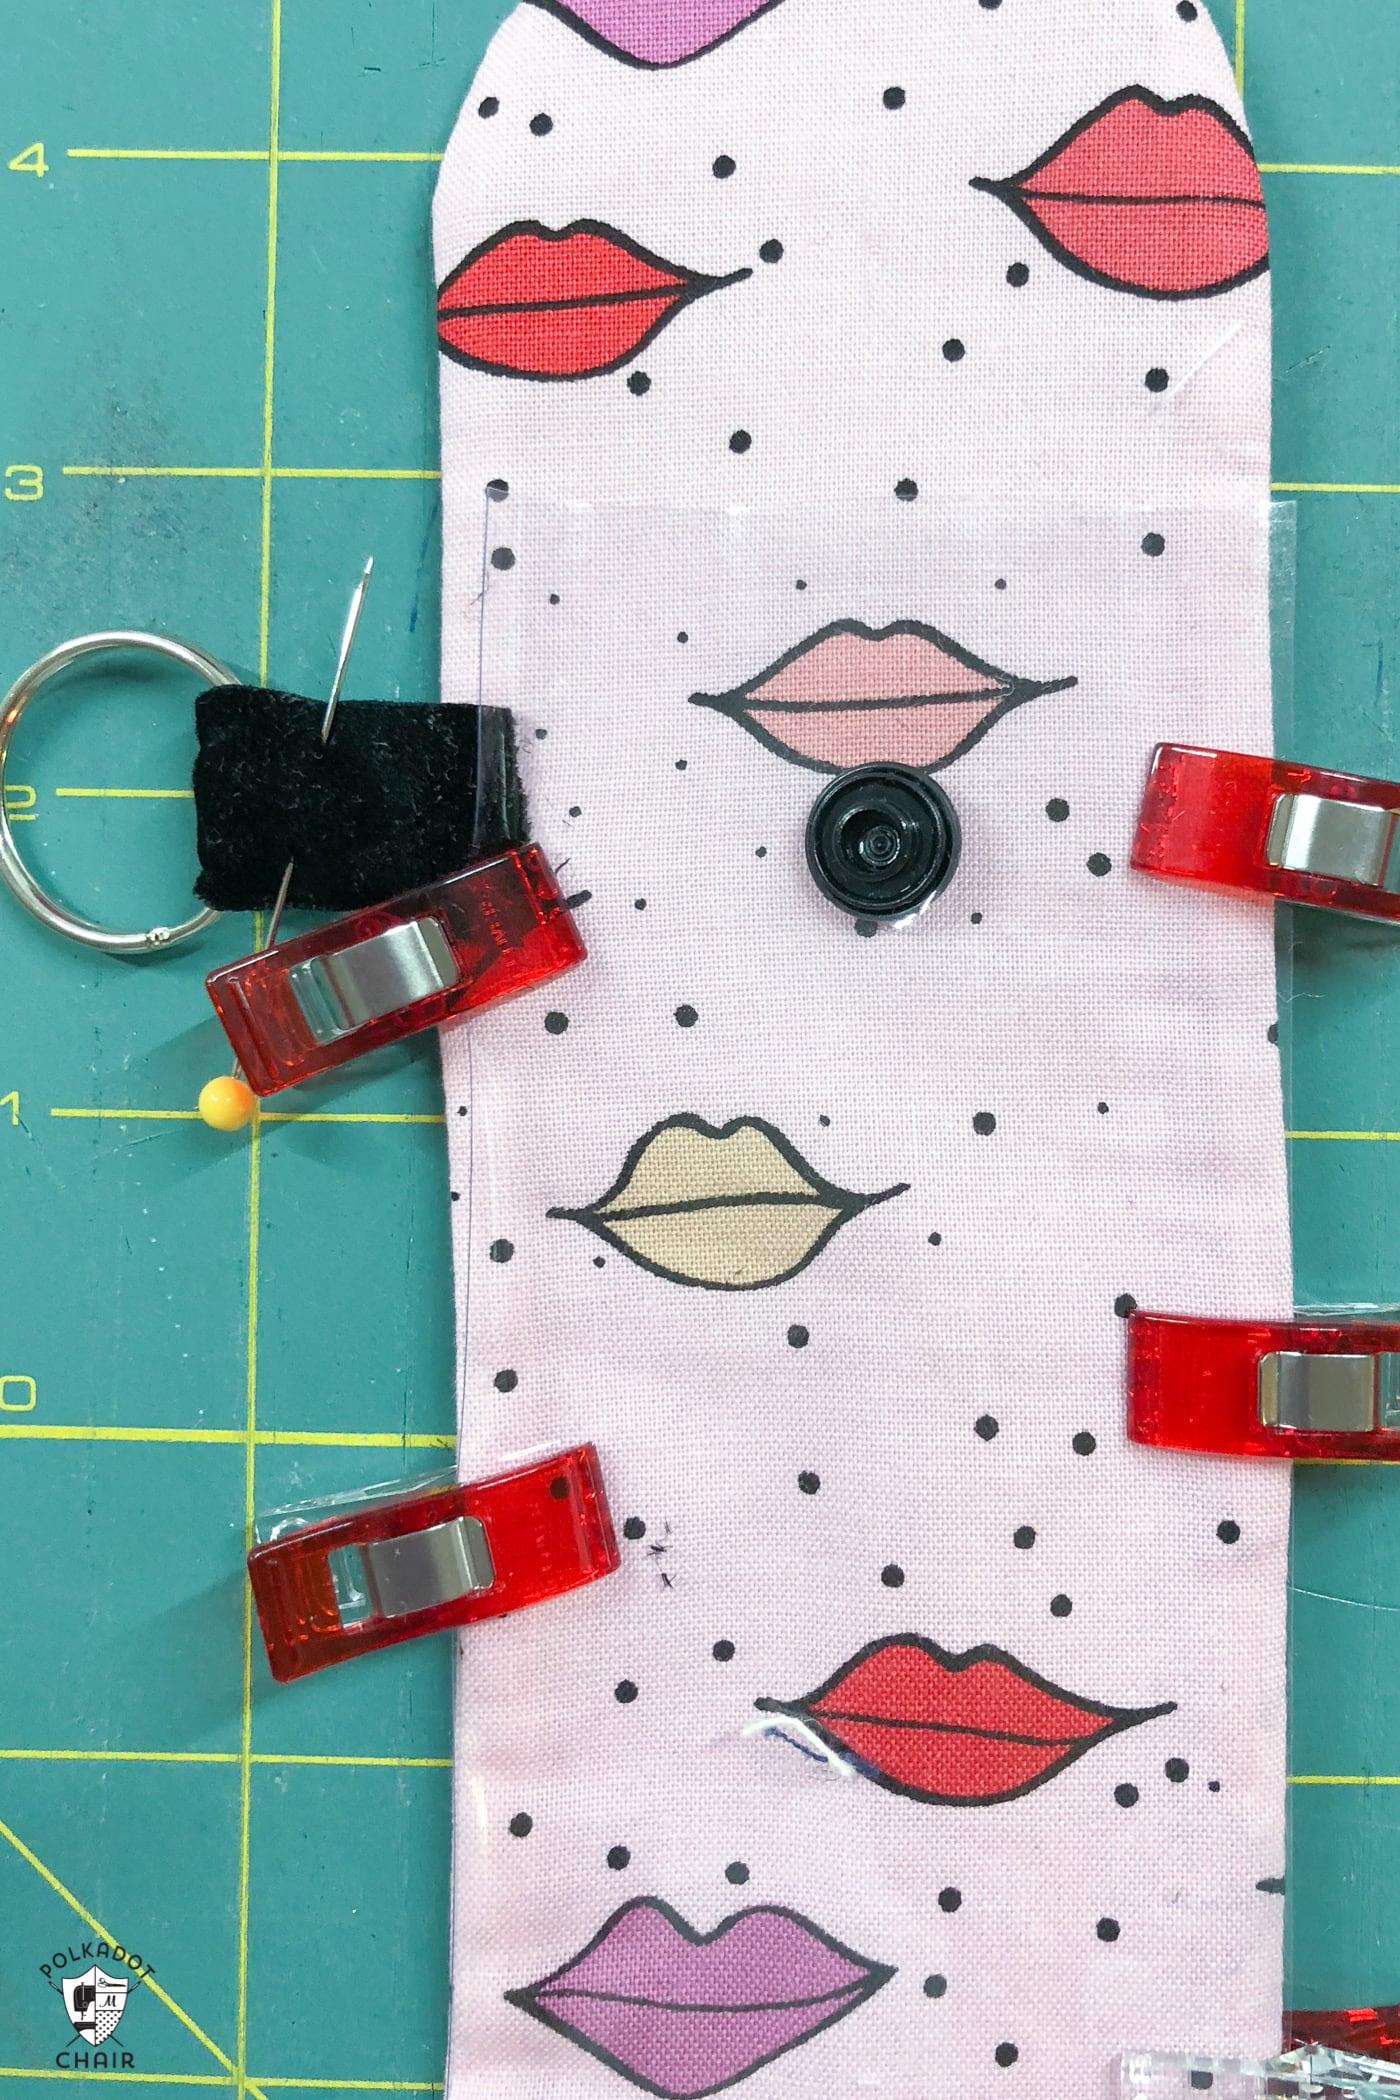 lip gloss case pieces on green cutting mat